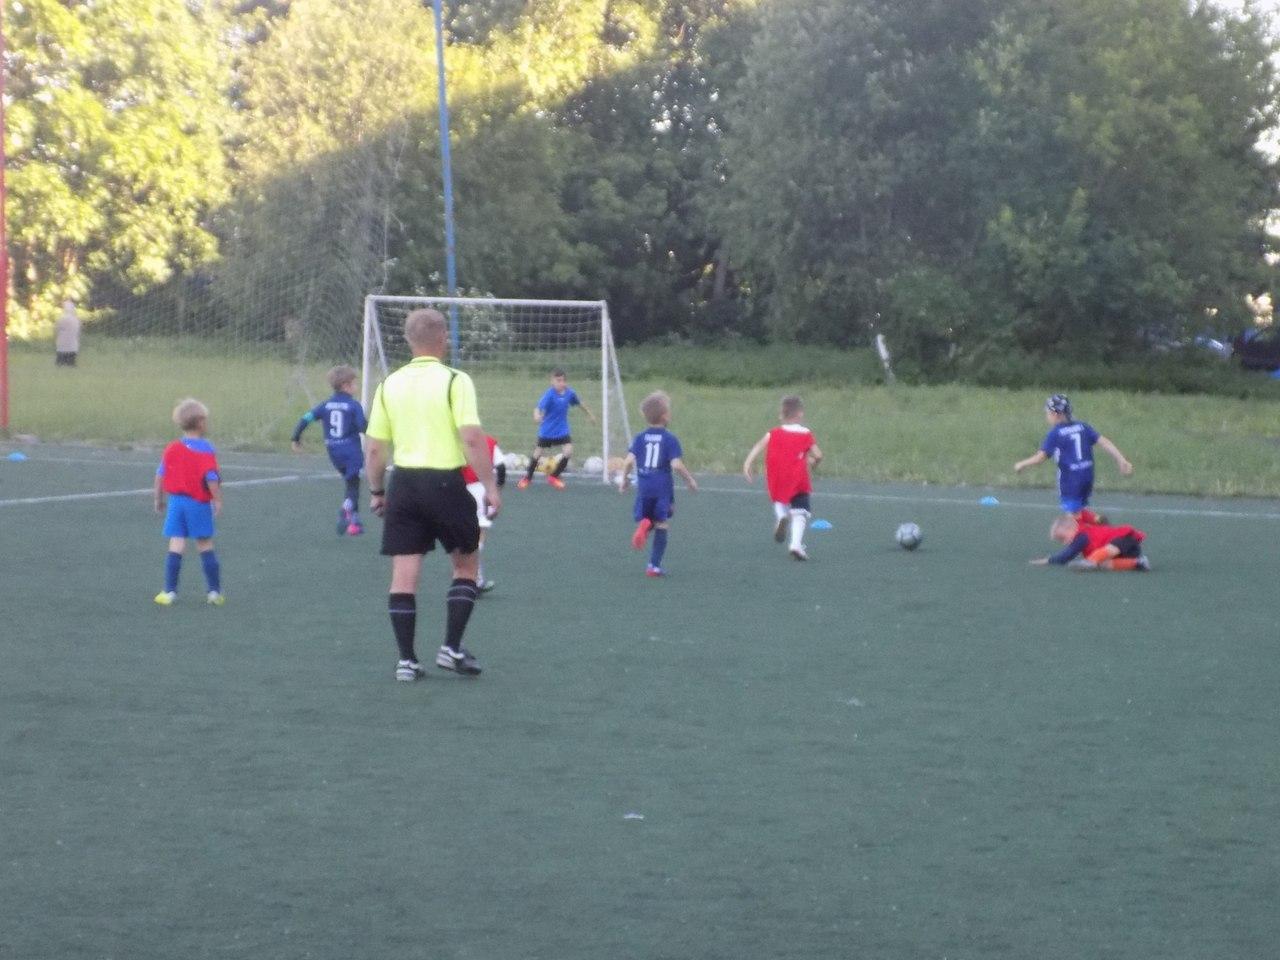 Результаты игр Первенства Городского округа Подольск по футболу среди детских команд 2007/2008 г.р.